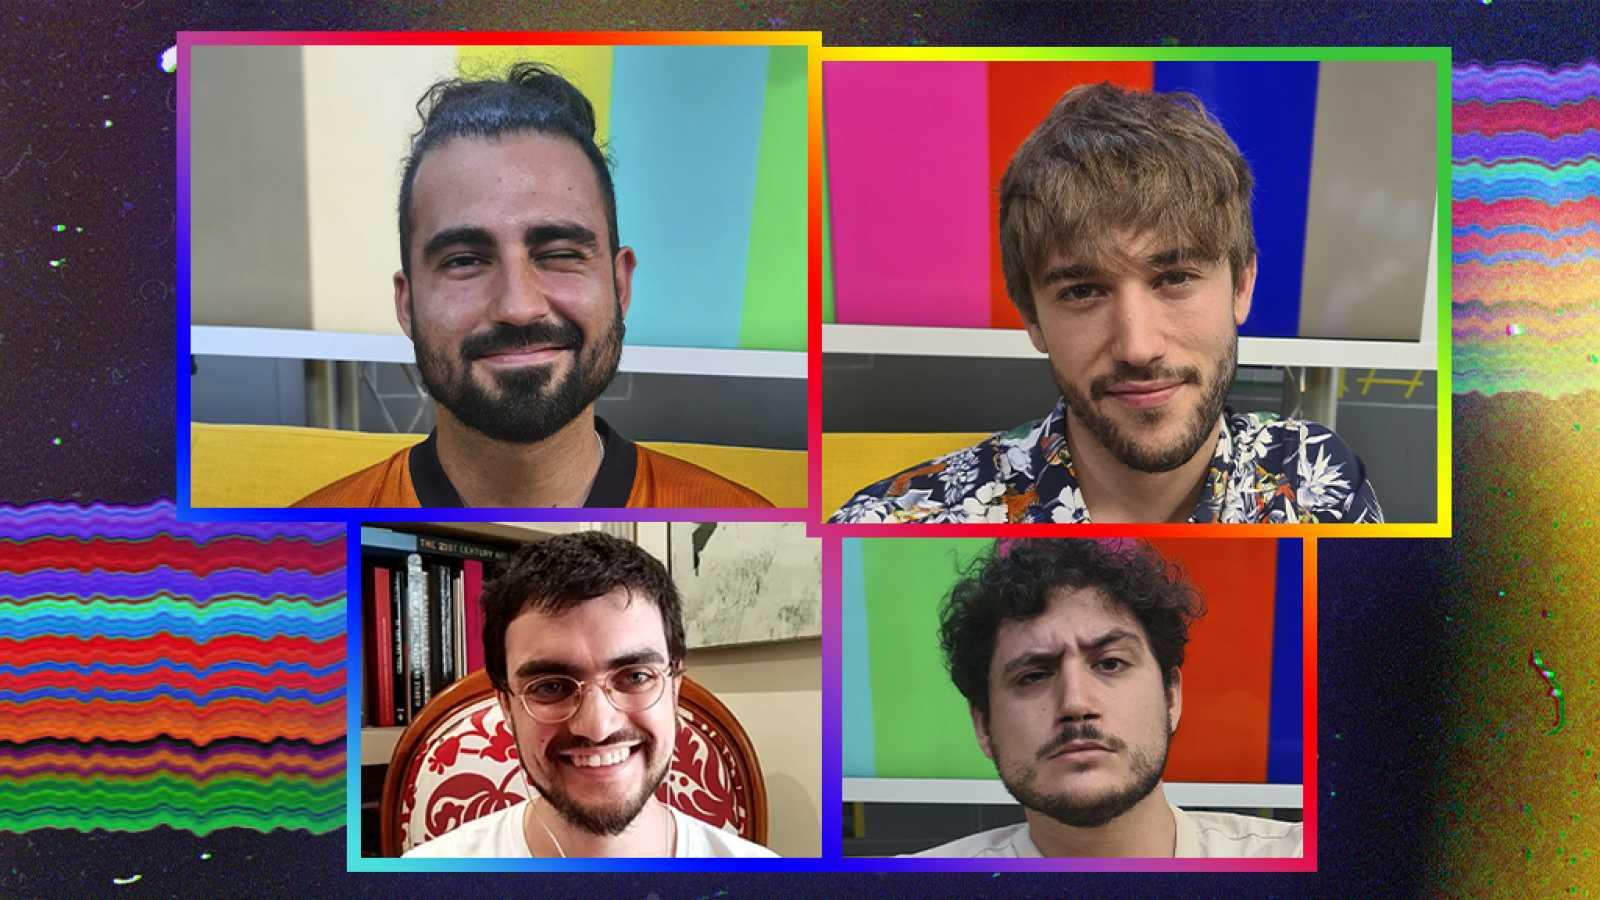 OK Playz - OK Playz con Guillermo y Shifer ('Héroes'), Darío Eme Hache y Ernesto Castro